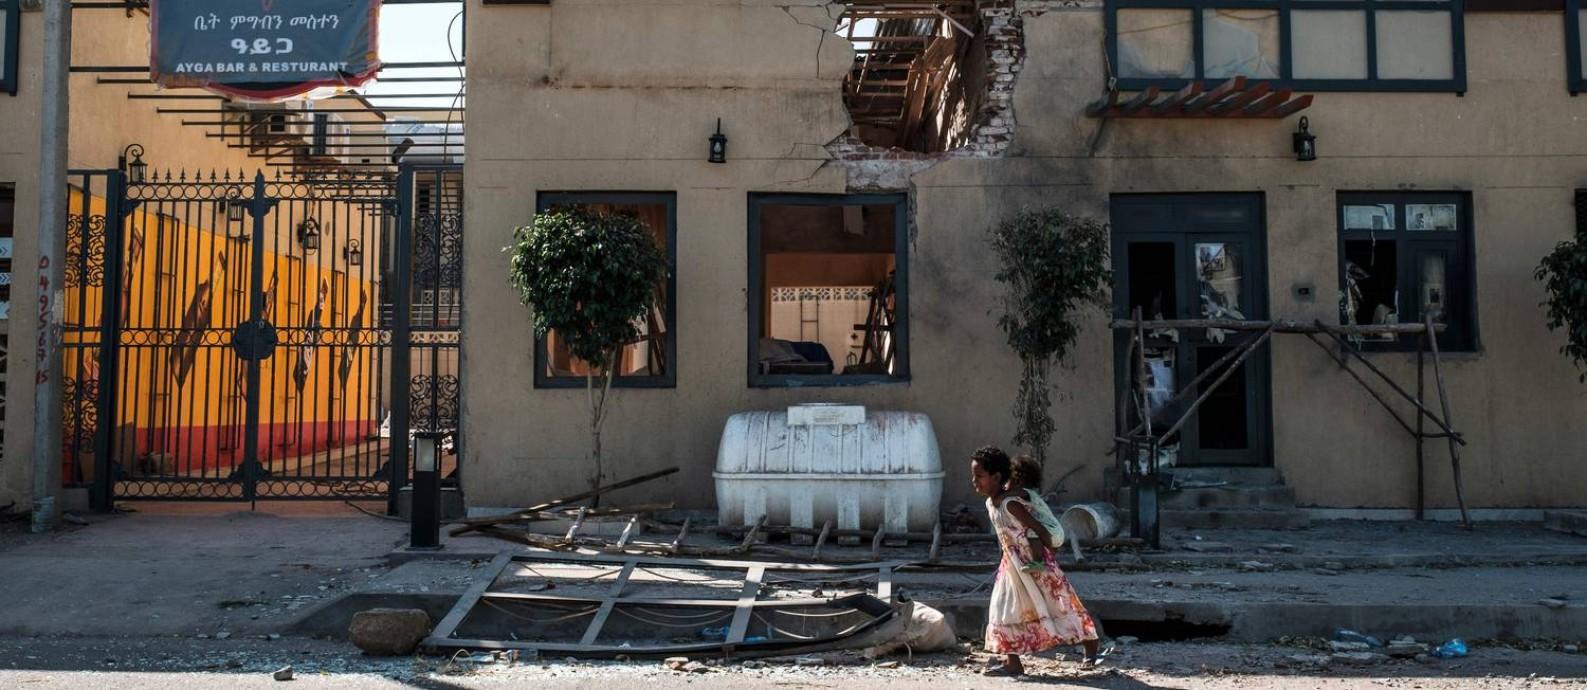 Crianças brincam em frente a um hotel bombardeado na cidade de Humera, na Etiópia Foto: Eduardo Soteras / AFP